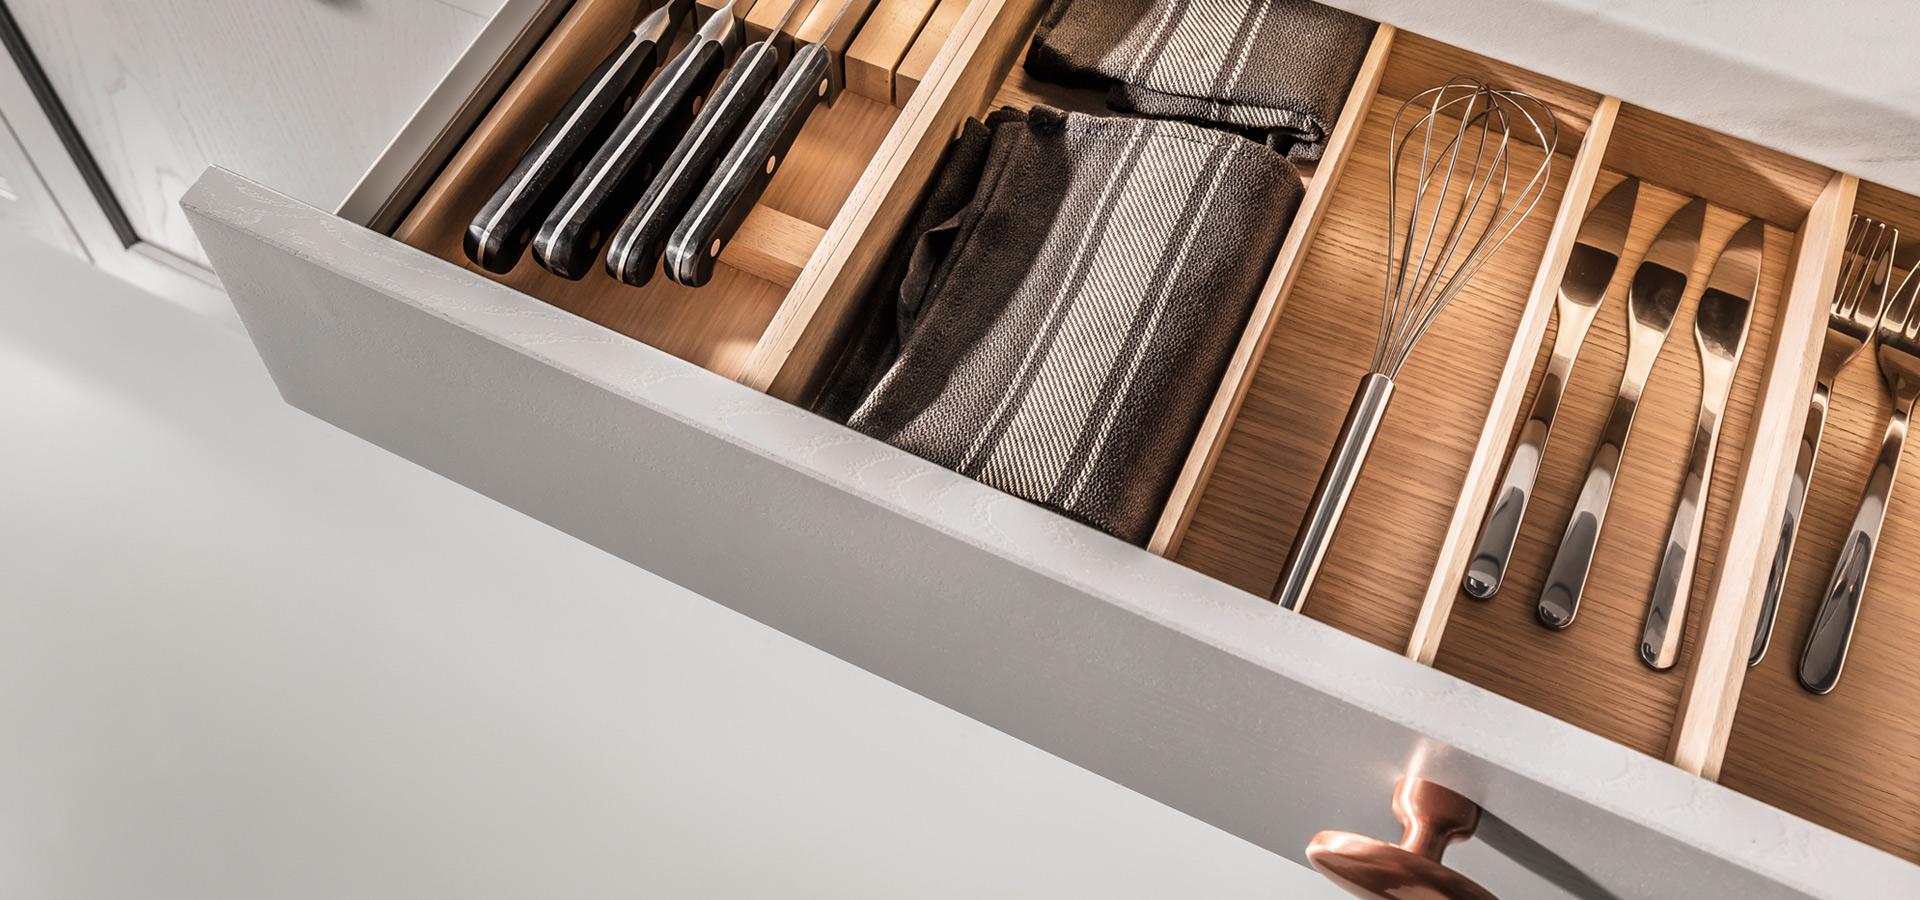 Meble kuchenne - drewniana szuflada na sztućce - SAS Wnętrza i Kuchnie